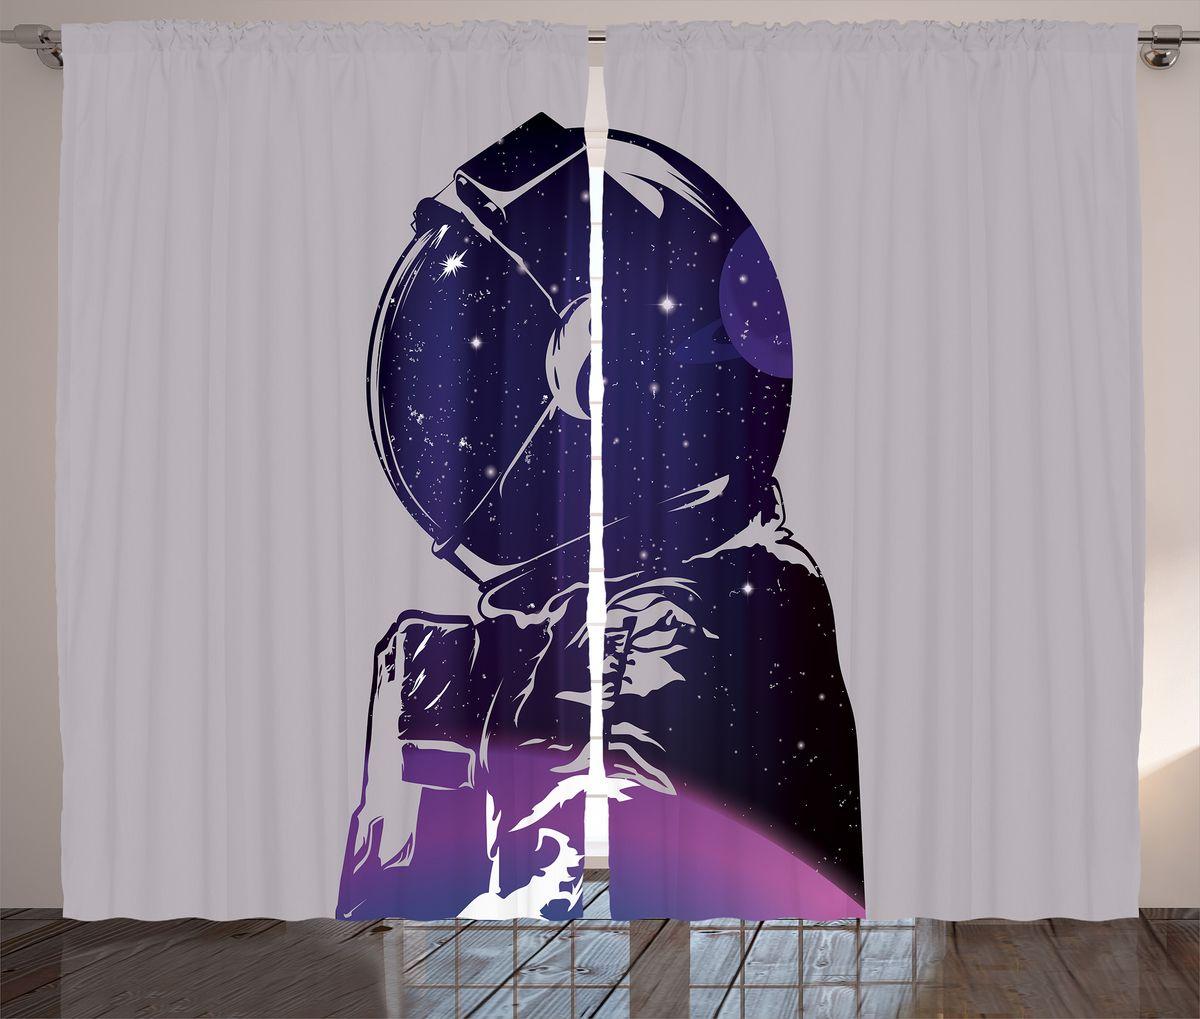 Комплект фотоштор Magic Lady Силуэт космонавта с планетой и звездами, на ленте, высота 265 см. шсг_19938шсг_16215Компания Сэмболь изготавливает шторы из высококачественного сатена (полиэстер 100%). При изготовлении используются специальные гипоаллергенные чернила для прямой печати по ткани, безопасные для человека и животных. Экологичность продукции Magic lady и безопасность для окружающей среды подтверждены сертификатом Oeko-Tex Standard 100. Крепление: крючки для крепления на шторной ленте (50 шт). Возможно крепление на трубу. Внимание! При нанесении сублимационной печати на ткань технологическим методом при температуре 240°С, возможно отклонение полученных размеров (указанных на этикетке и сайте) от стандартных на + - 3-5 см. Производитель старается максимально точно передать цвета изделия на фотографиях, однако искажения неизбежны и фактический цвет изделия может отличаться от воспринимаемого по фото. Обратите внимание! Шторы изготовлены из полиэстра сатенового переплетения, а не из сатина (хлопок). Размер одного полотна шторы: 145х265 см. В комплекте 2 полотна шторы и 50 крючков.